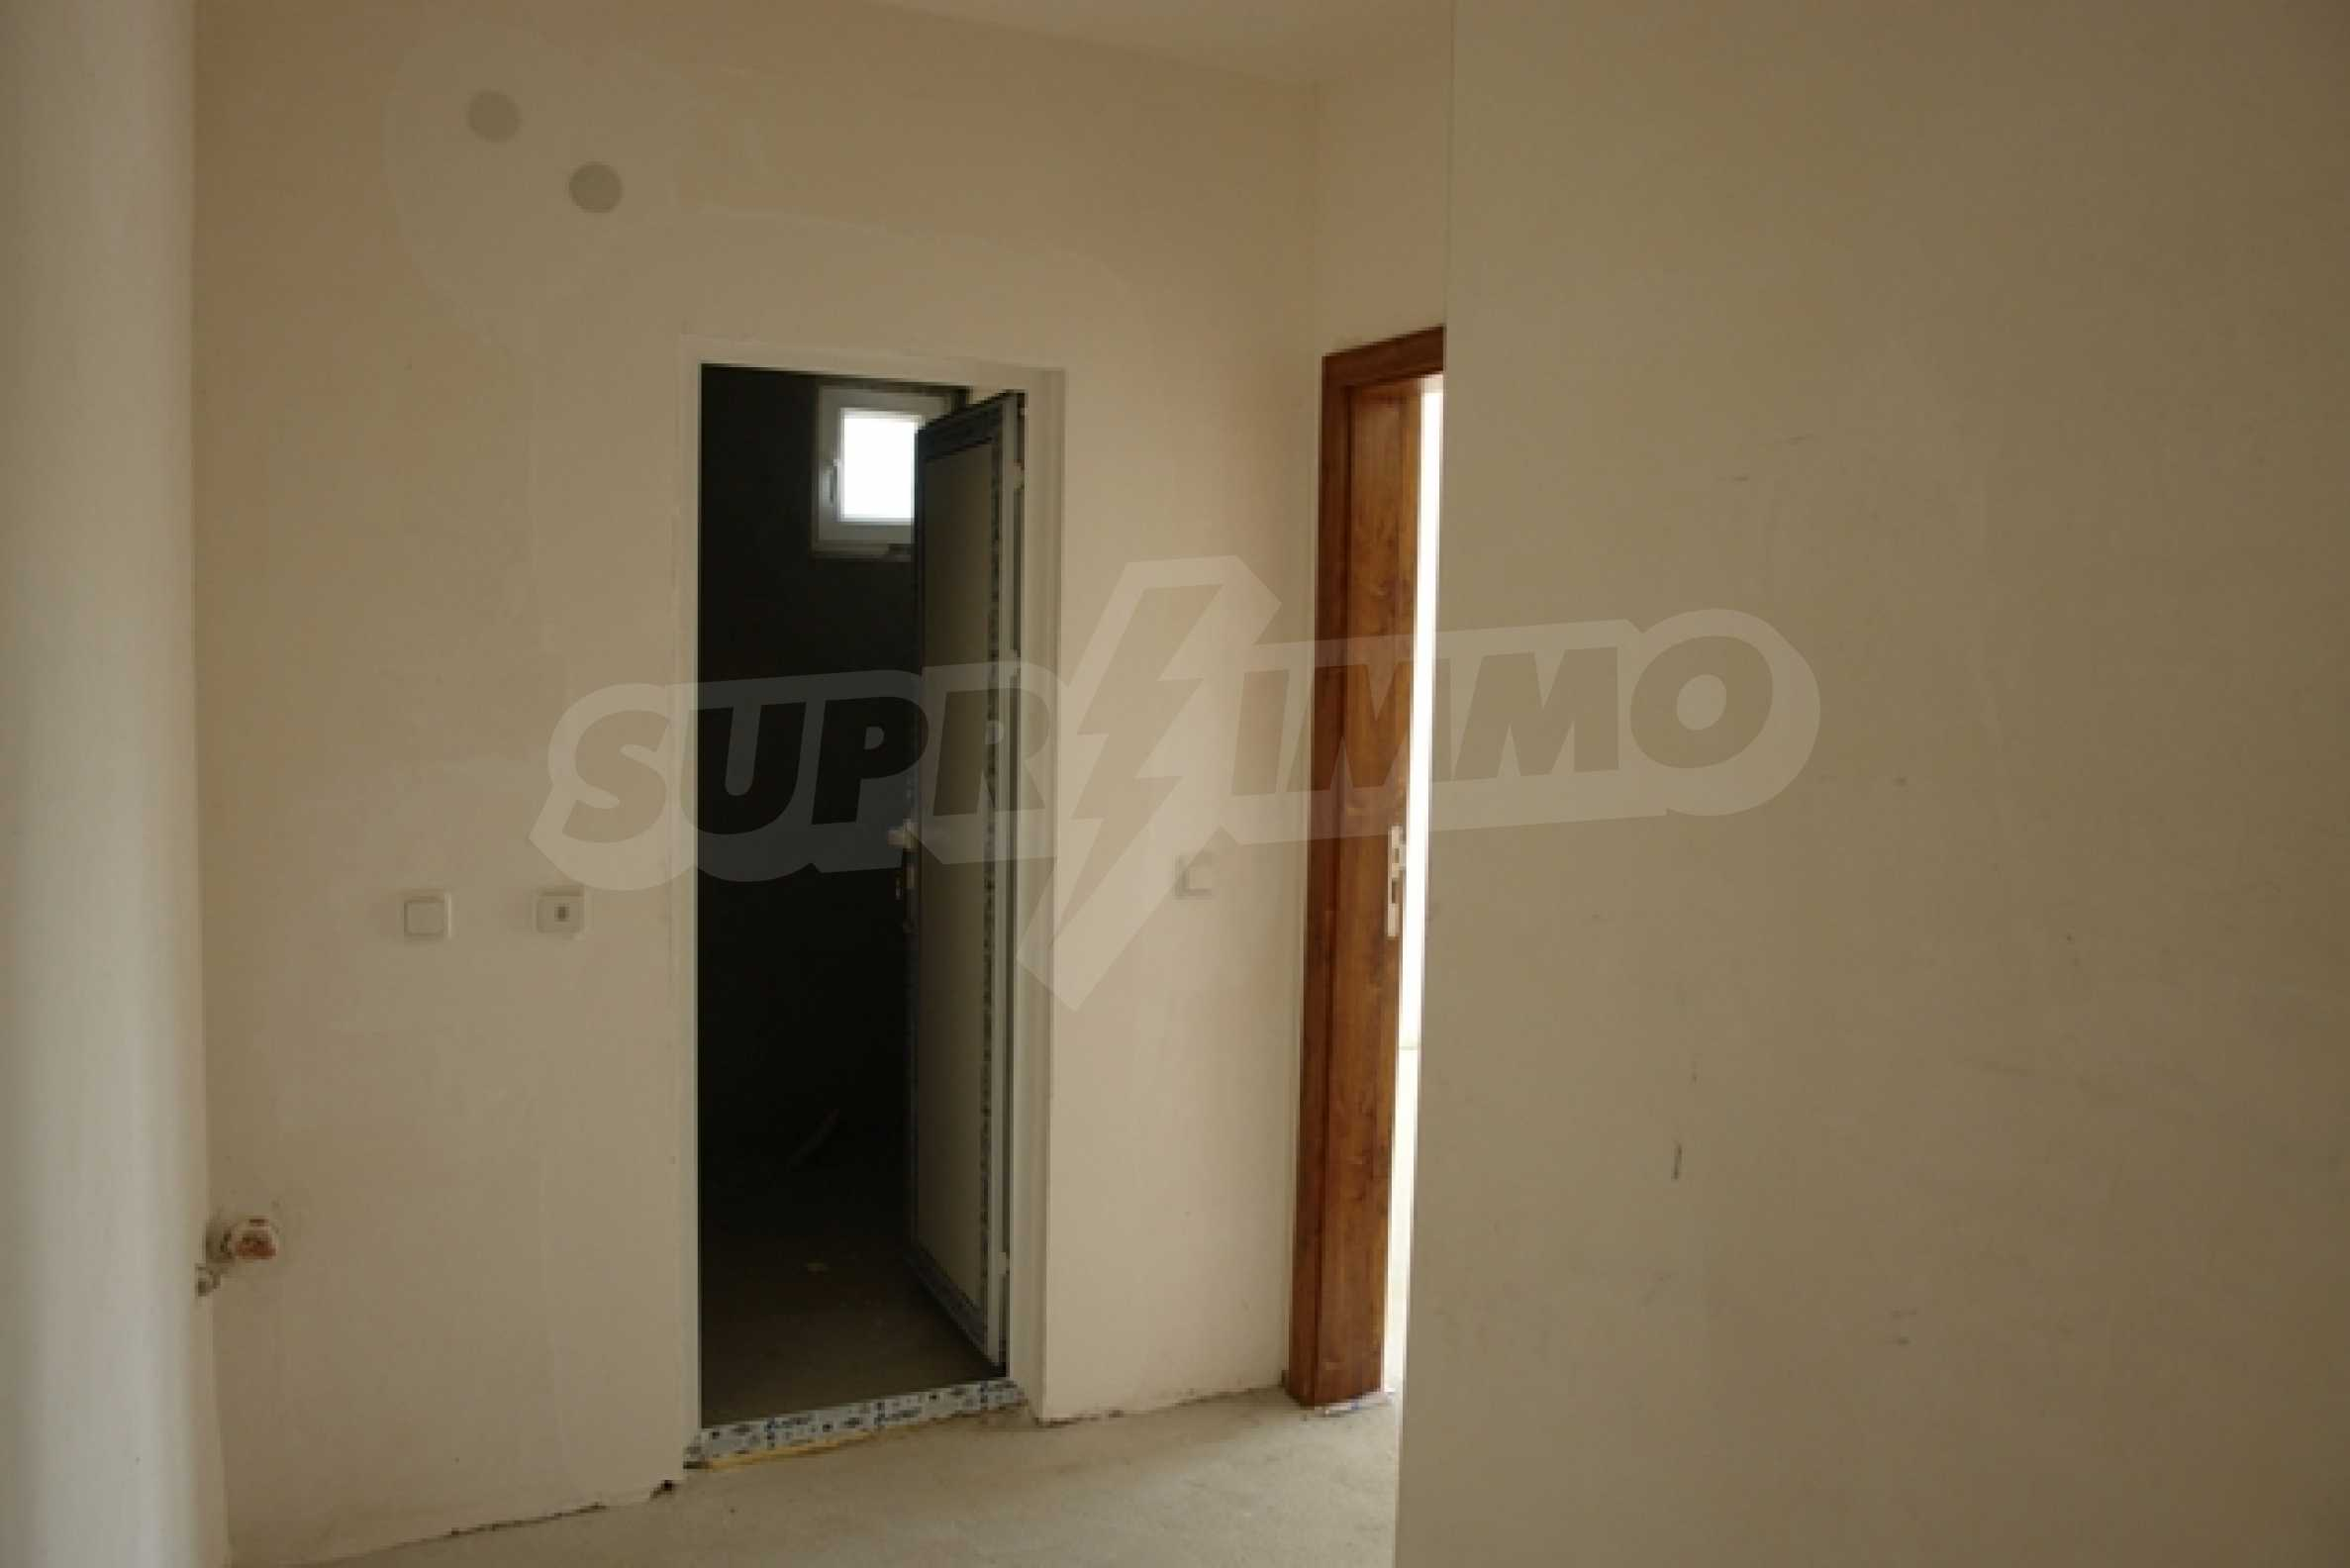 Apartment mit zwei Schlafzimmern in Rousse mit atemberaubendem Panorama auf die Stadt 22